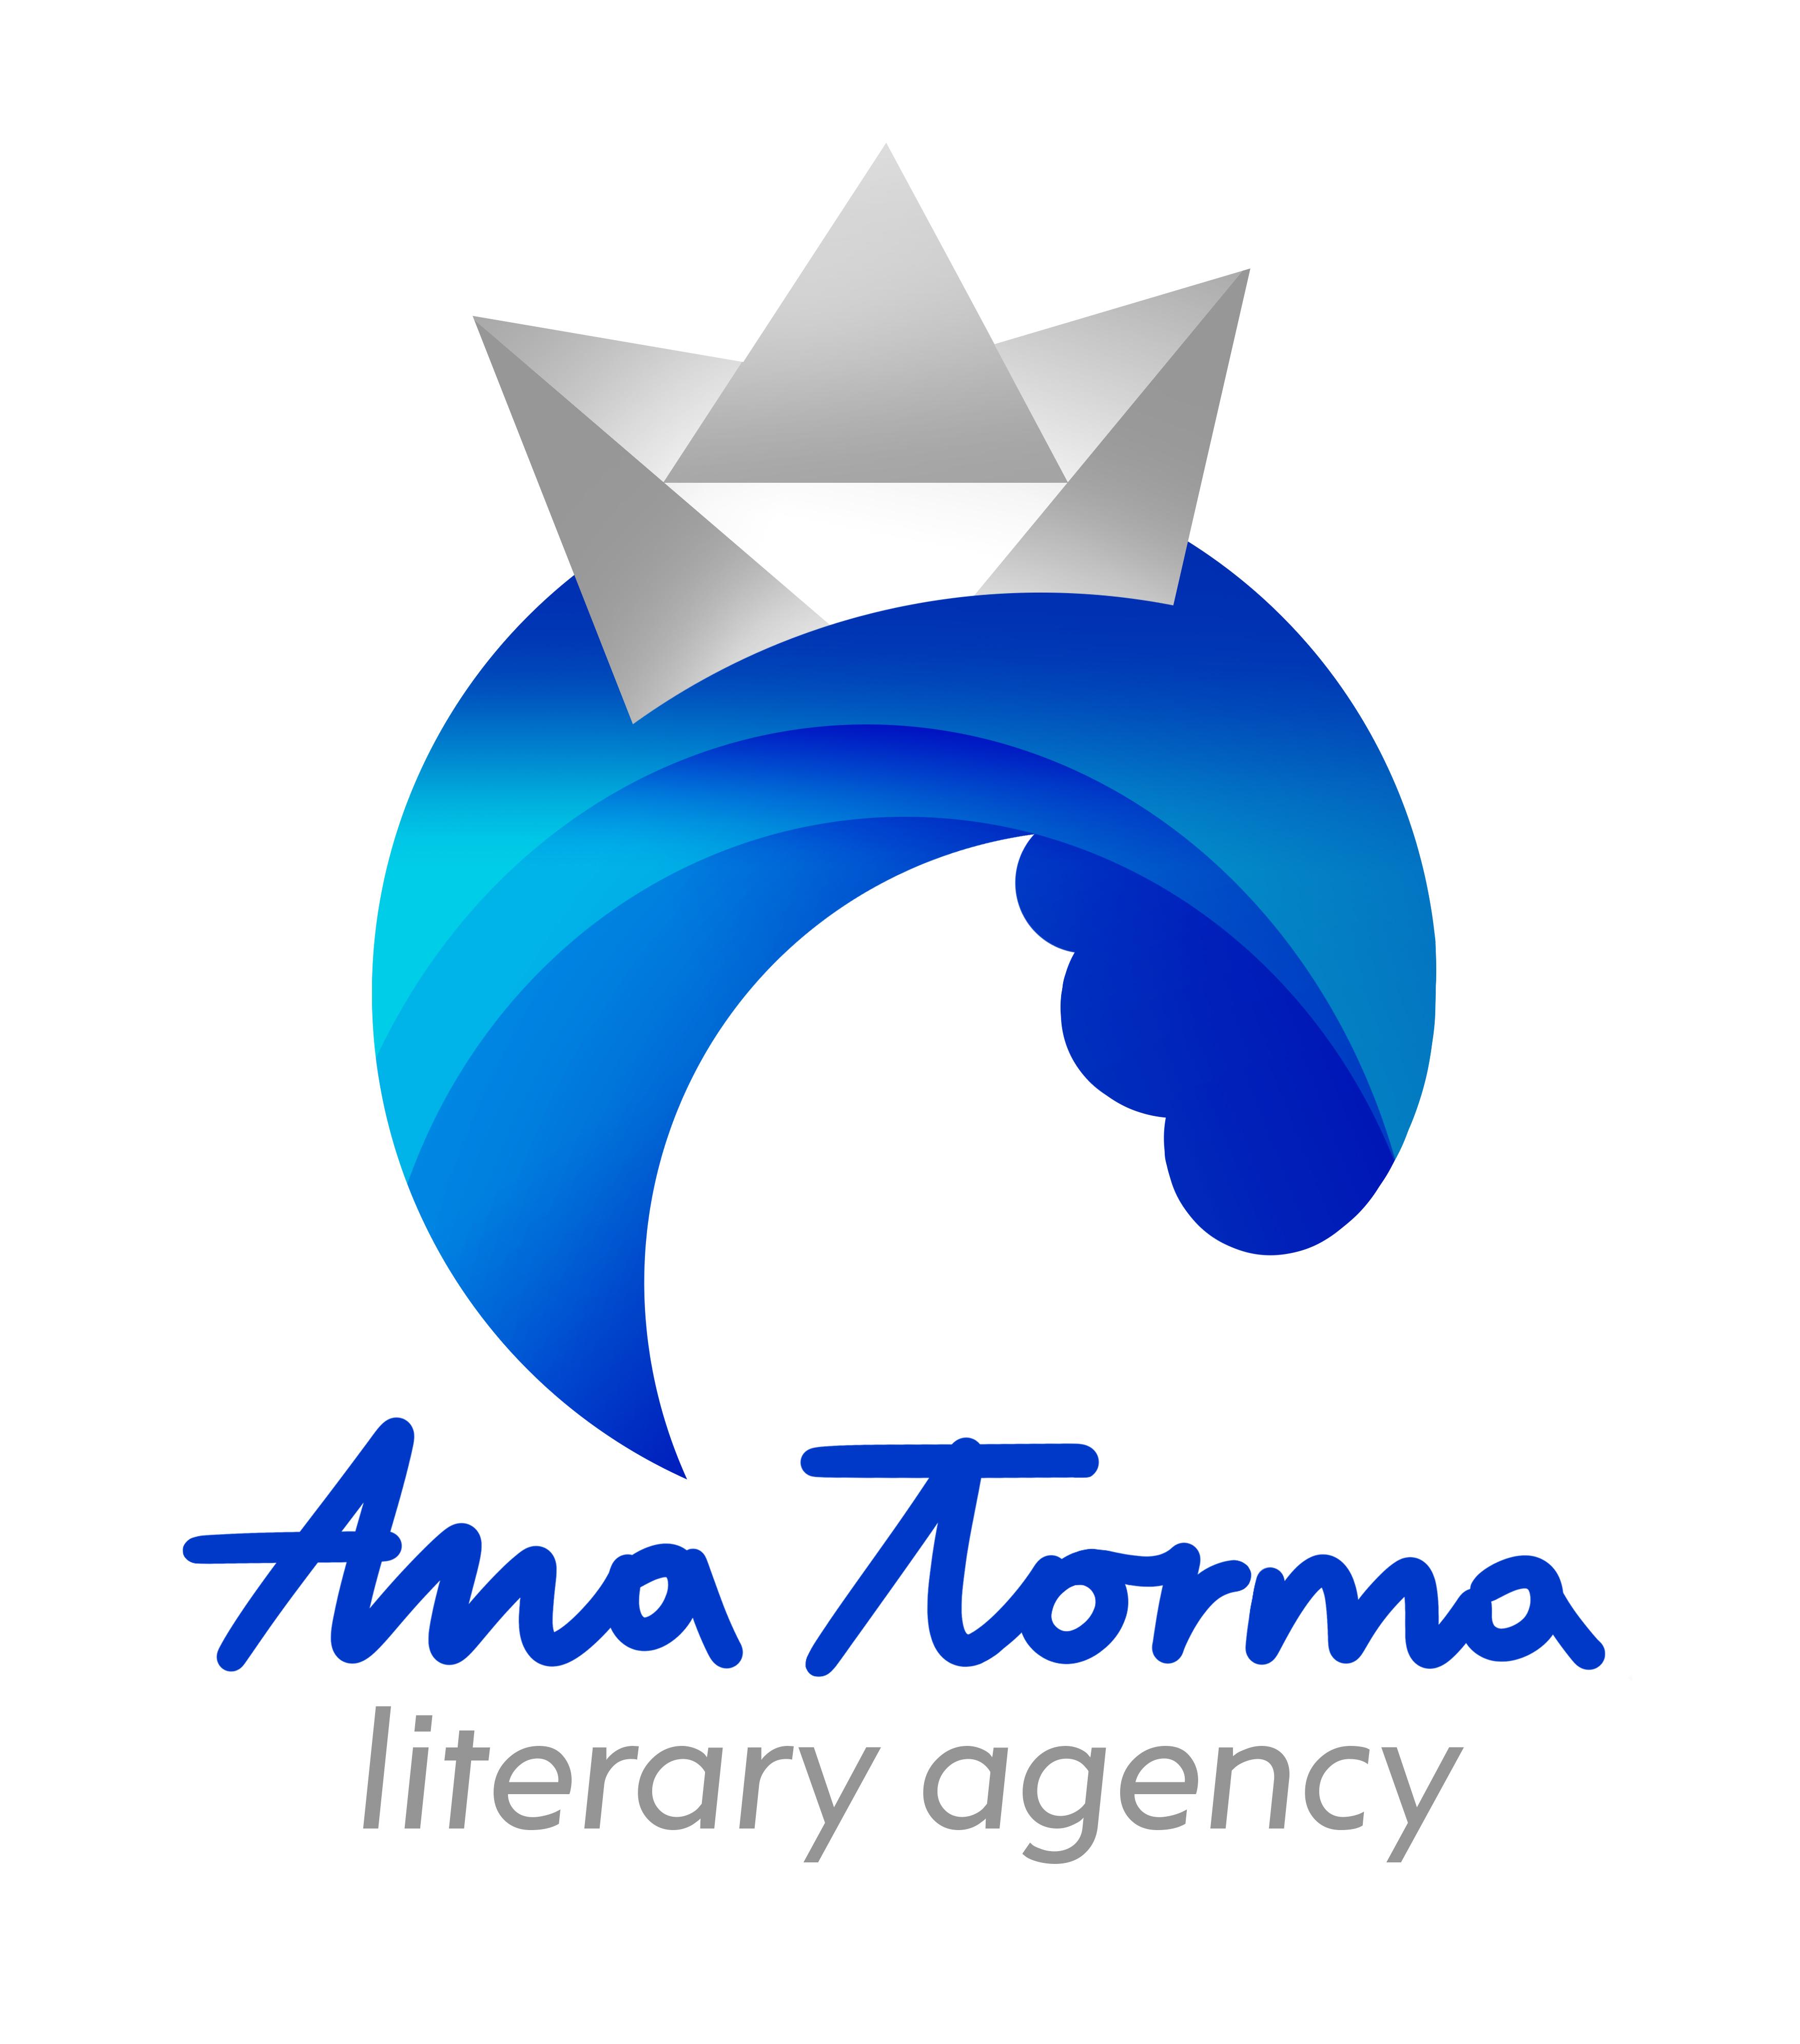 Ana Torma Literary Agency